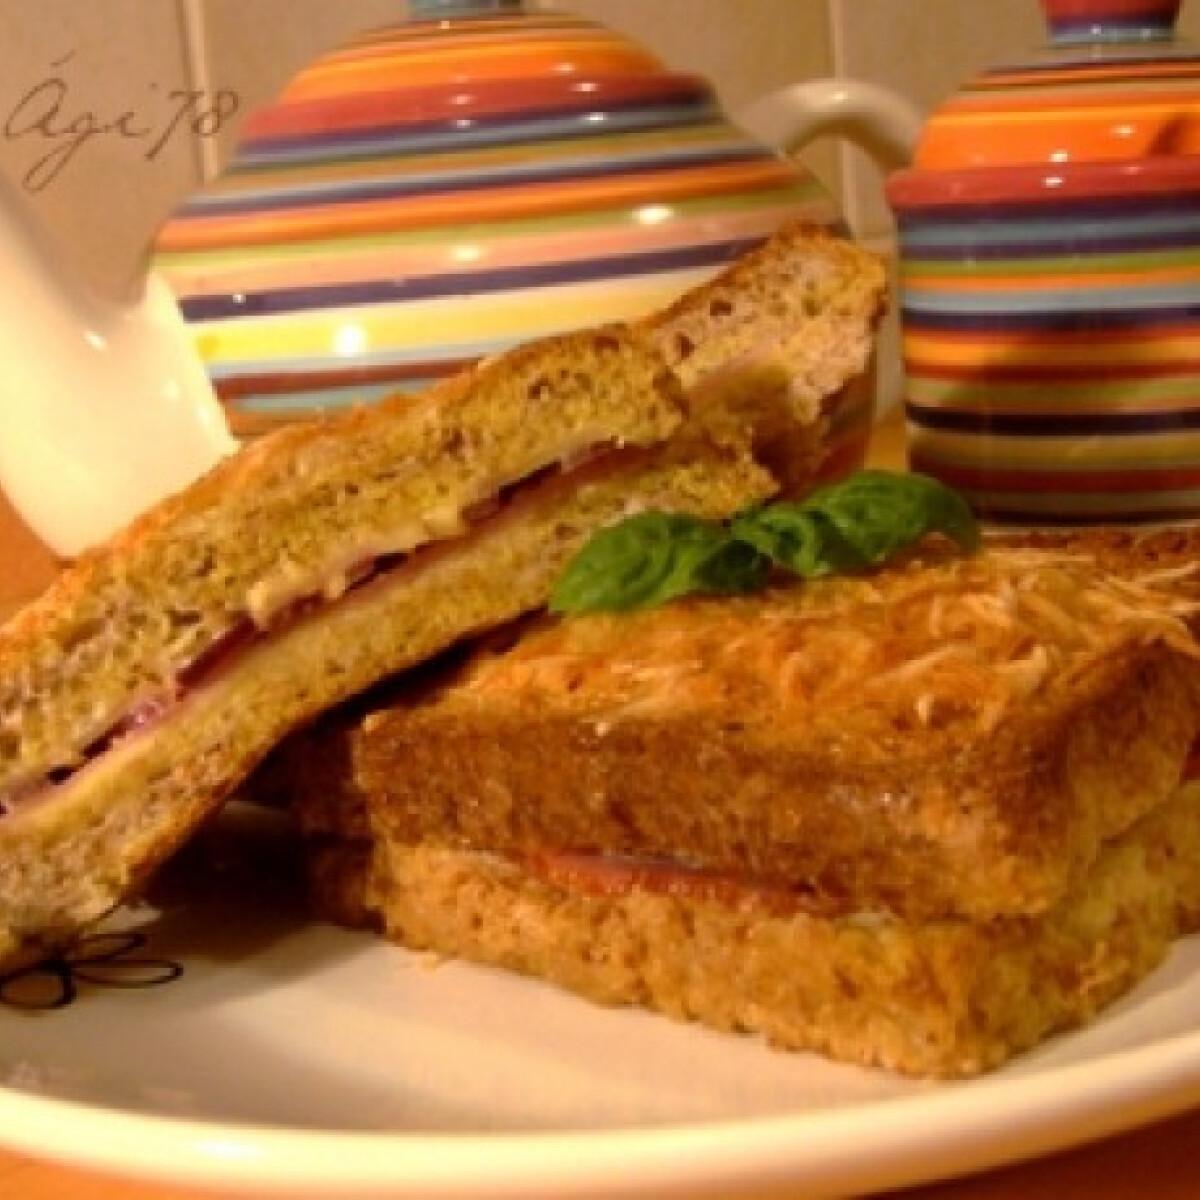 Rakott bundás kenyér csőben sütve